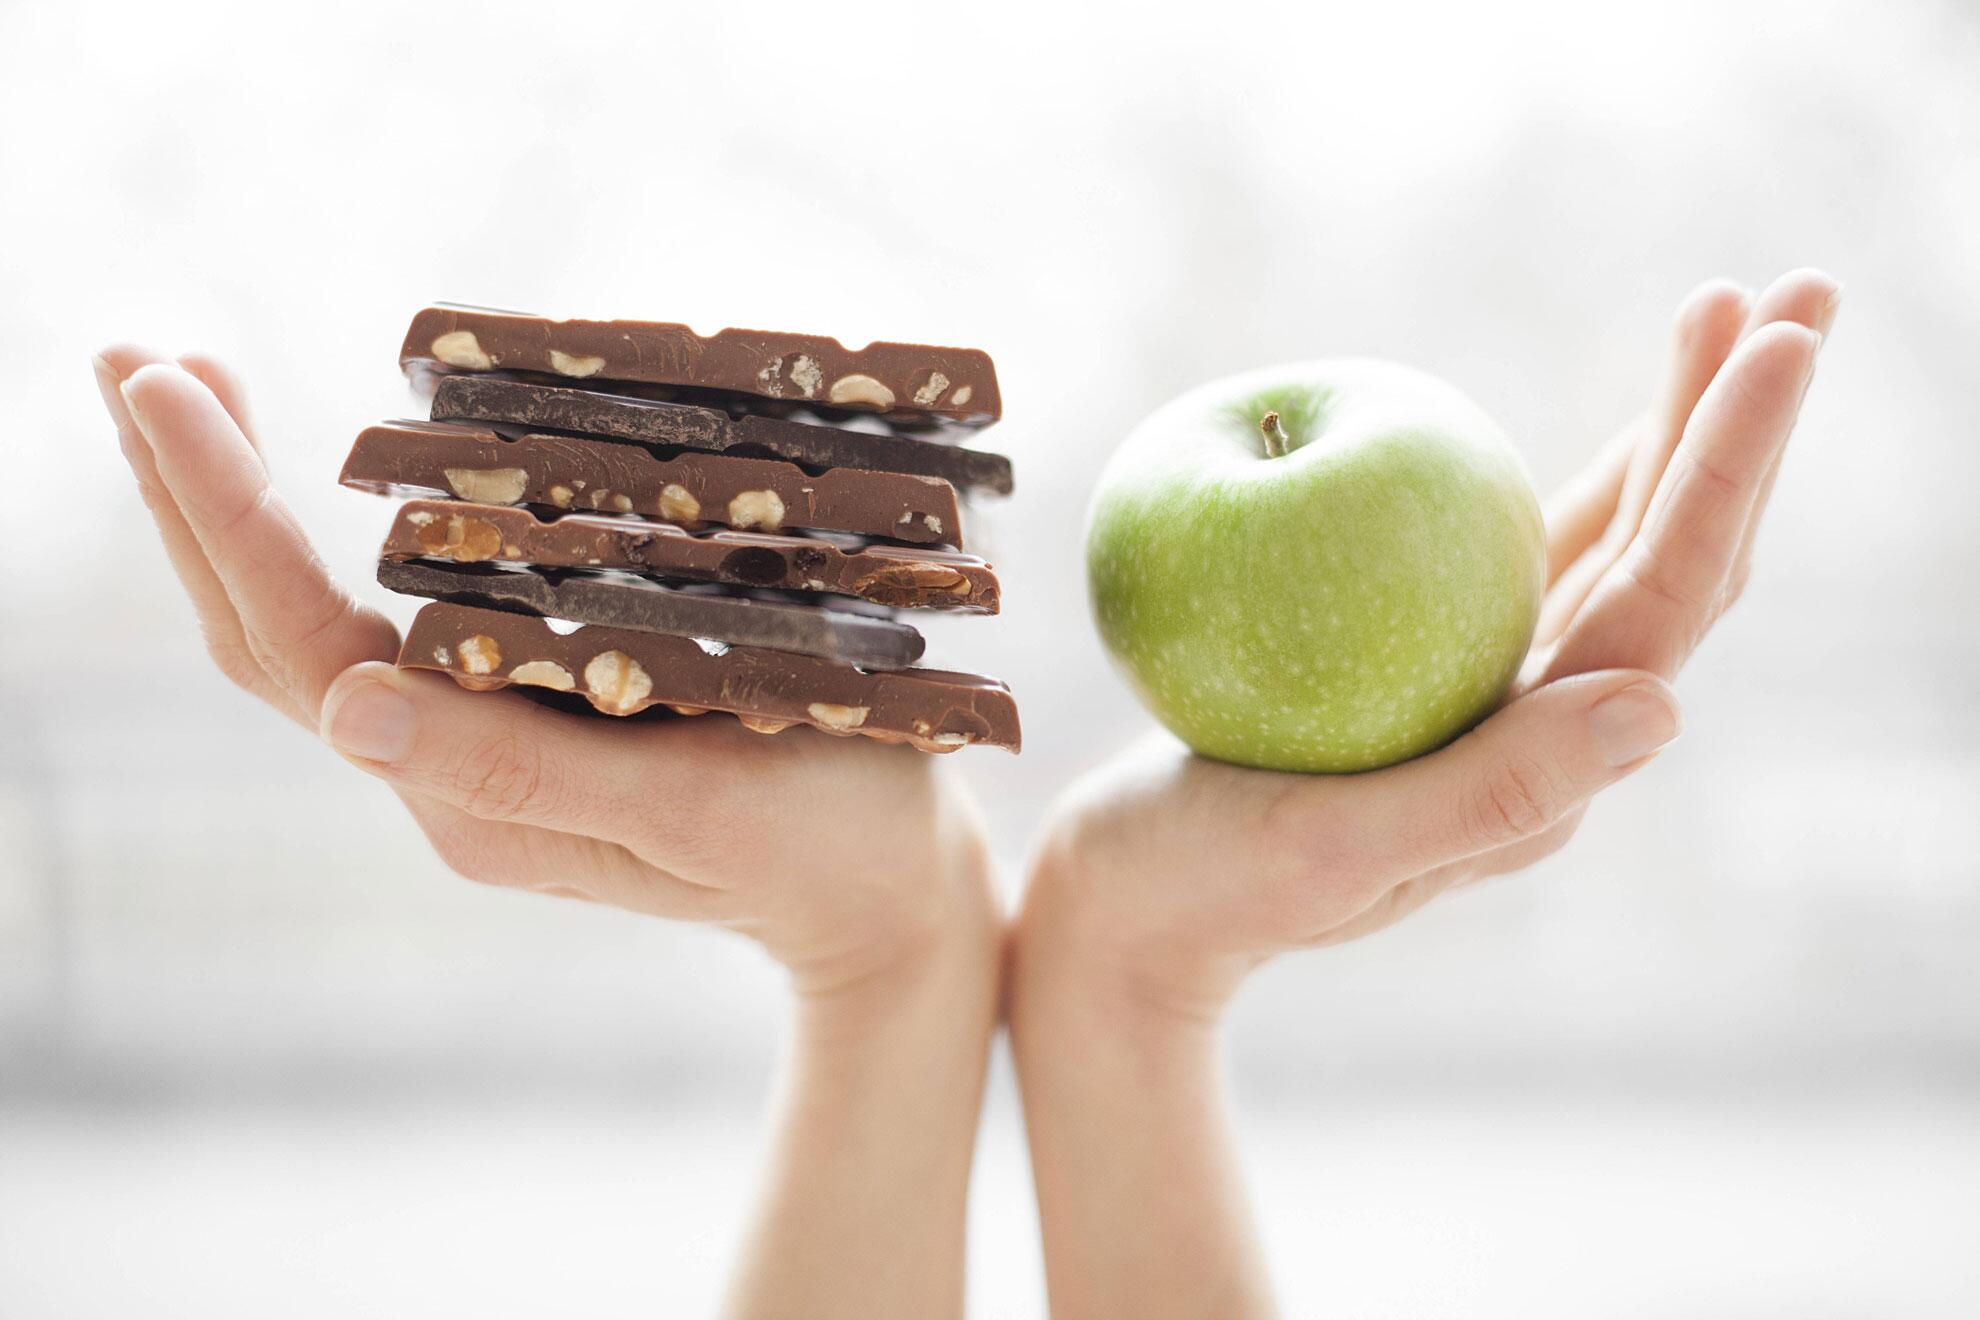 Bild zu Schokolad versus Apfel